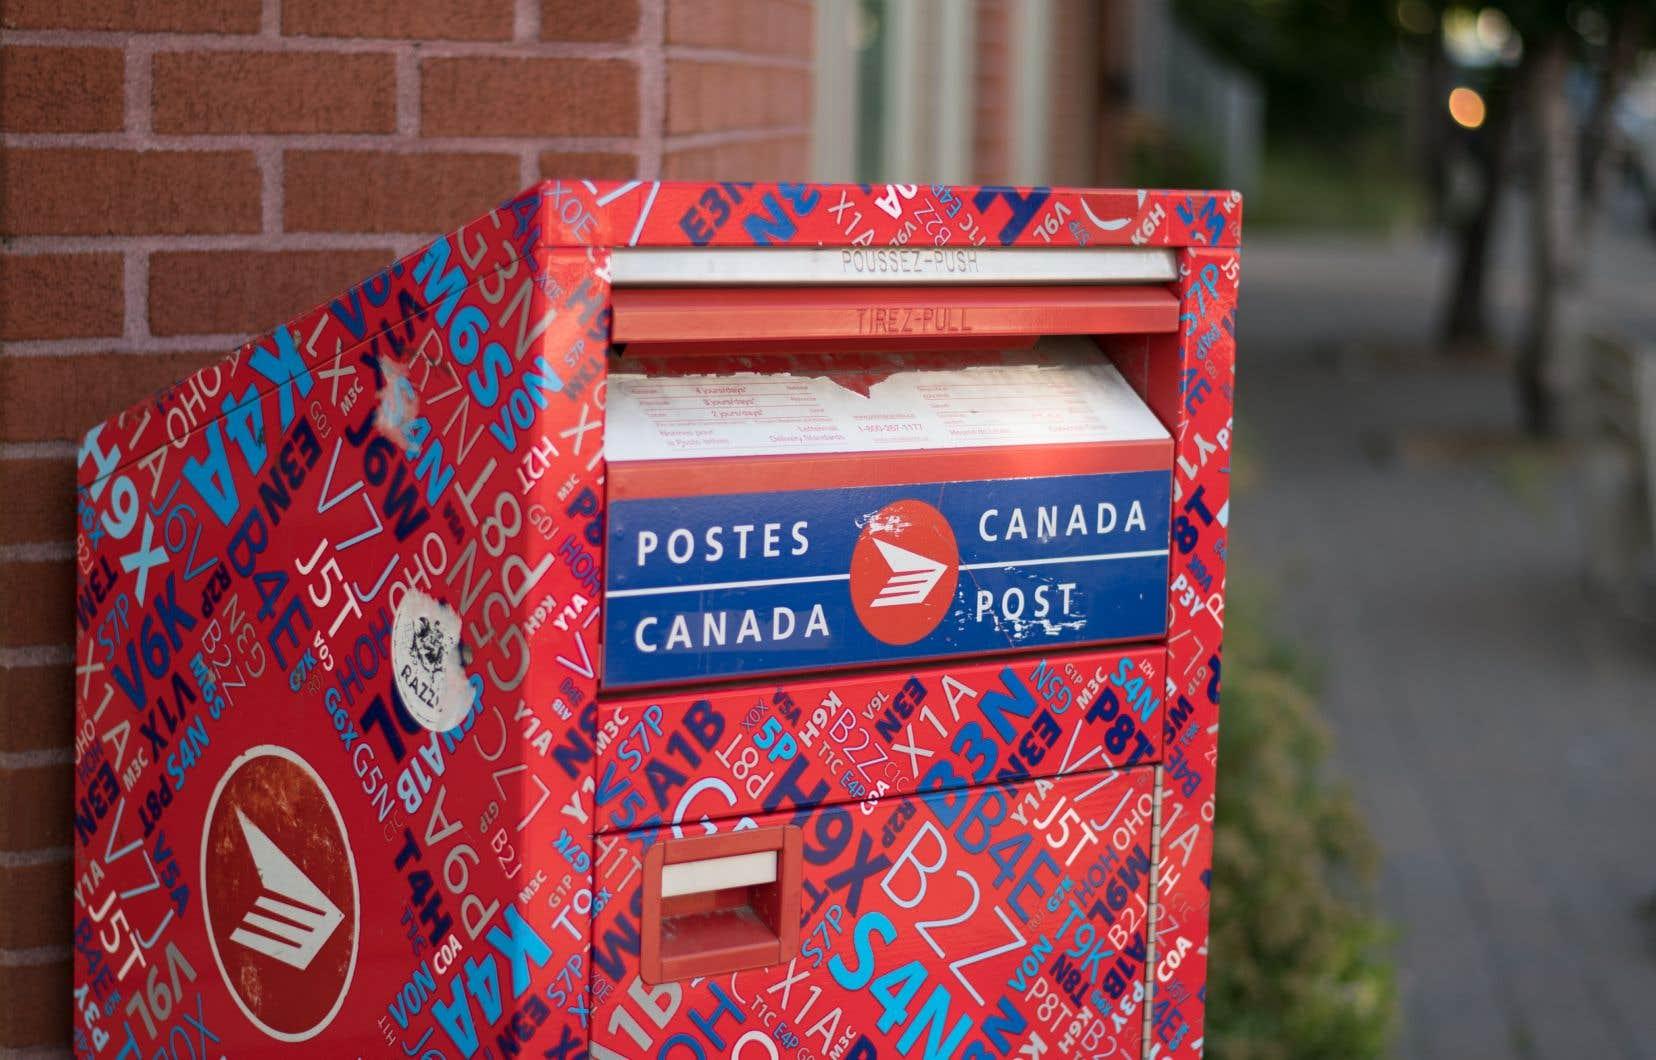 Le Commissaire aux langues officielles a statué qu'il incombe aux institutions fédérales, dont la Société canadienne des postes, de veiller à ce que le nom de domaine et l'URL de chaque page web «soient parfaitement bilingues».